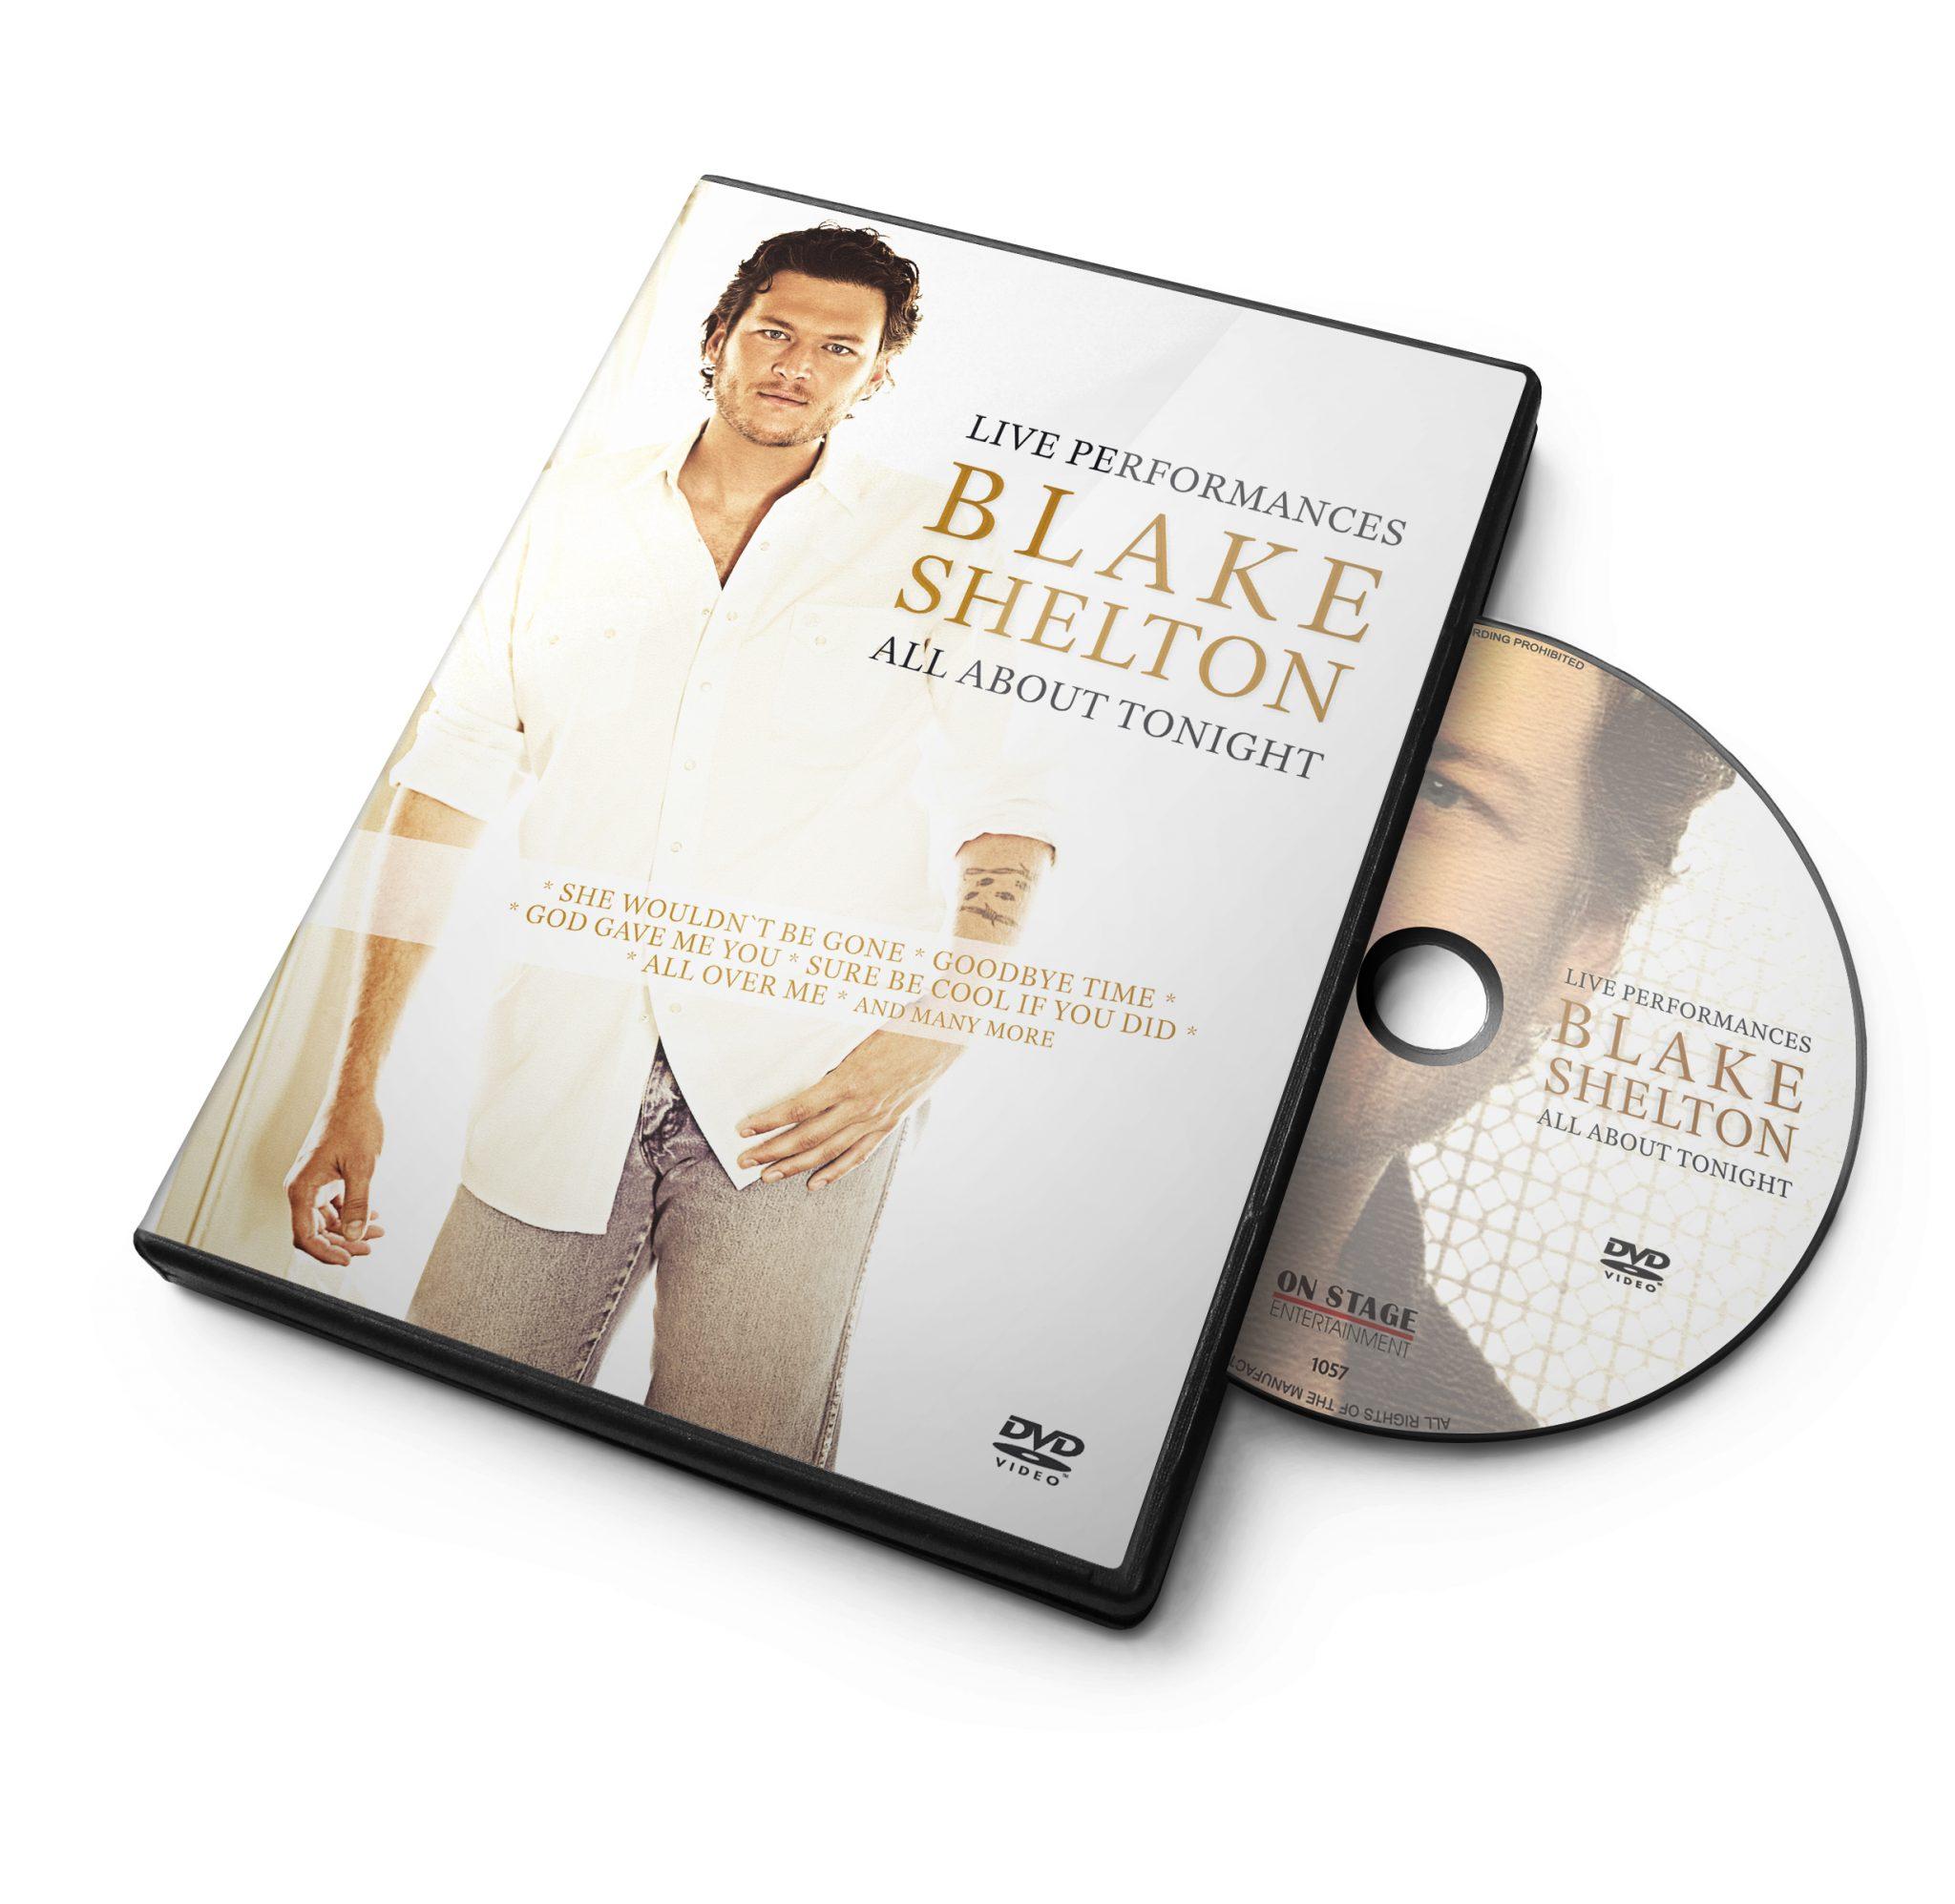 blake shelton-all about_dvd